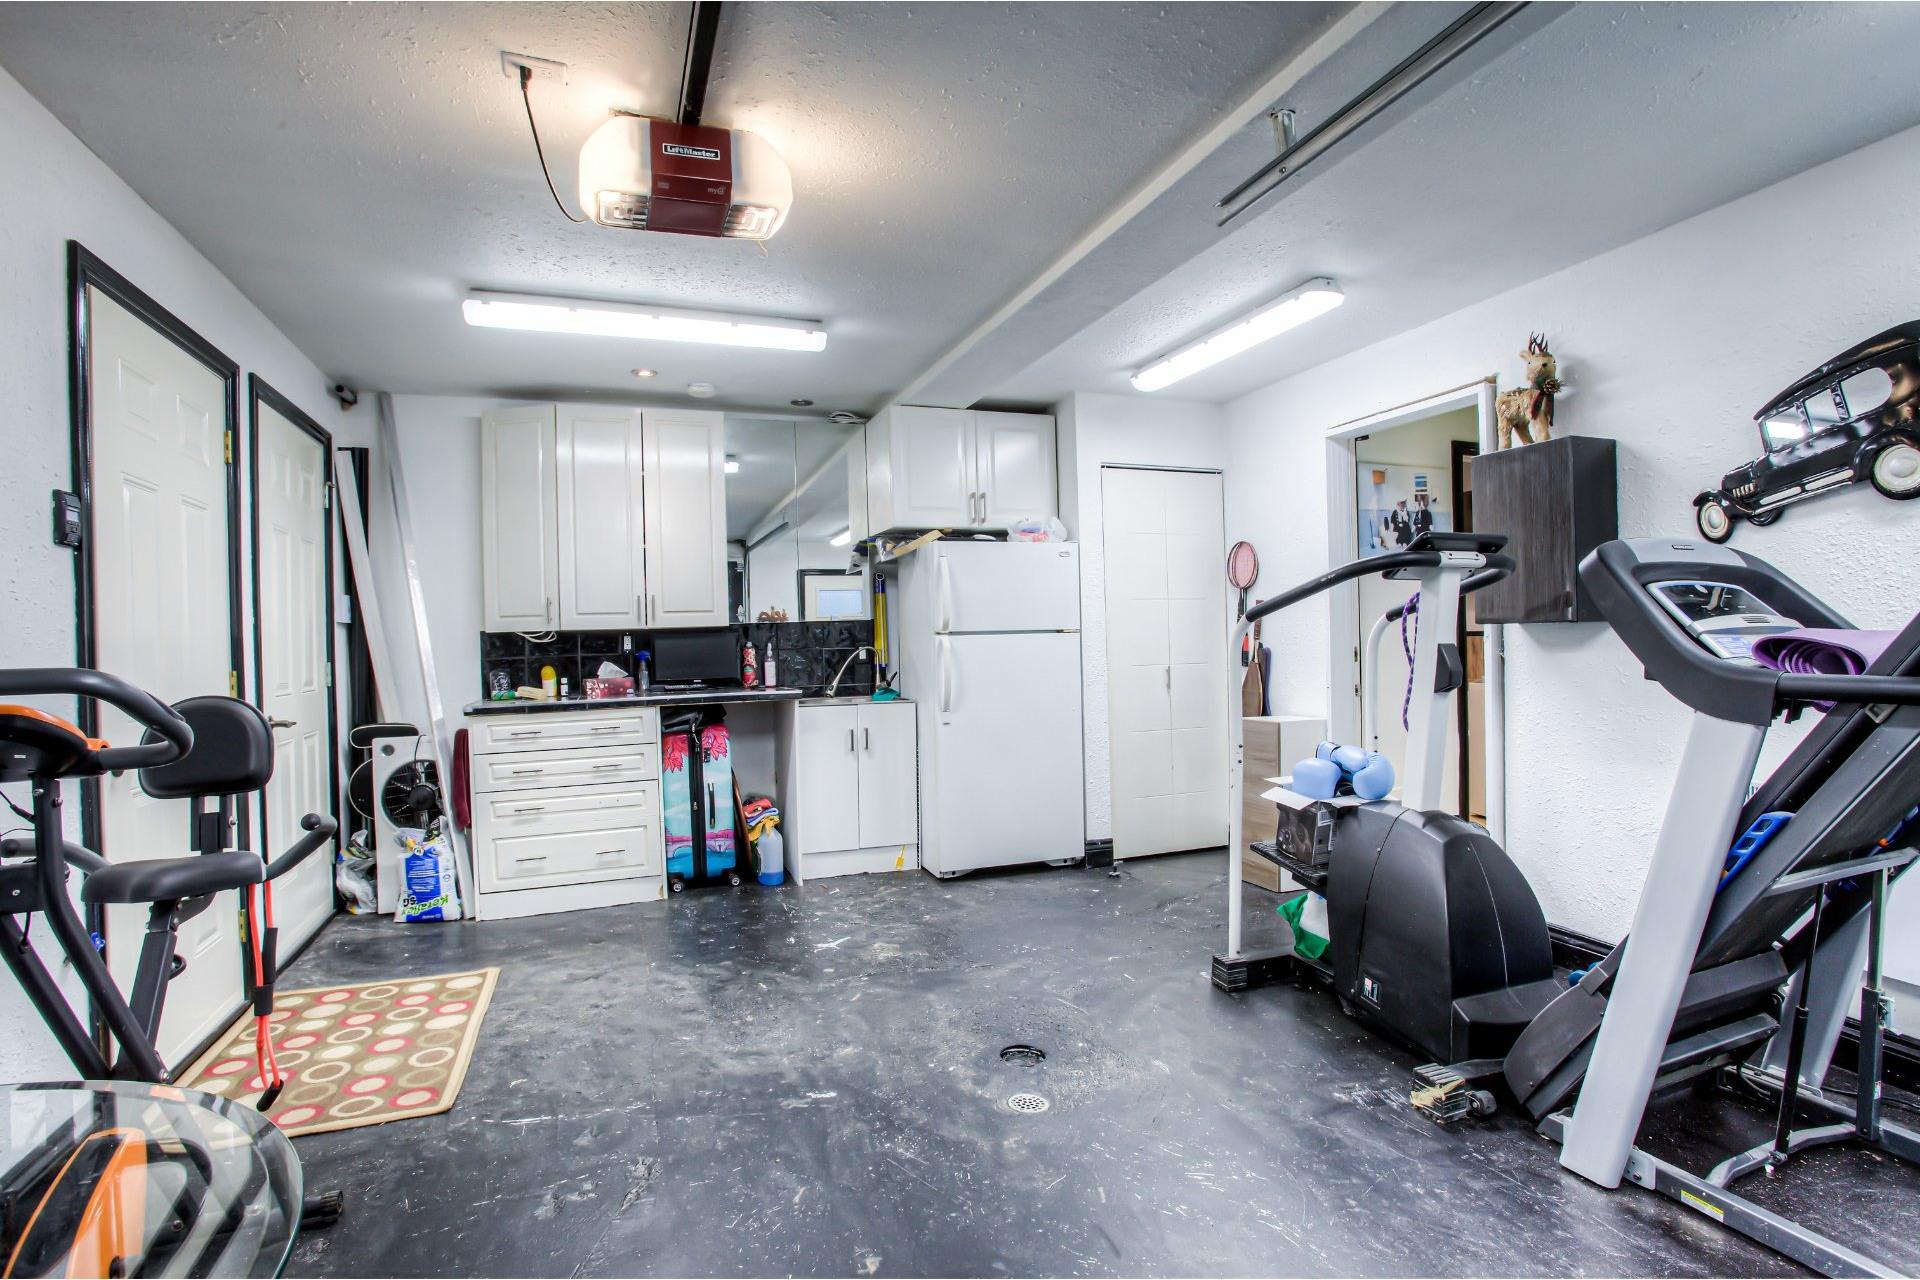 image 25 - Duplex À vendre Lachine Montréal  - 3 pièces